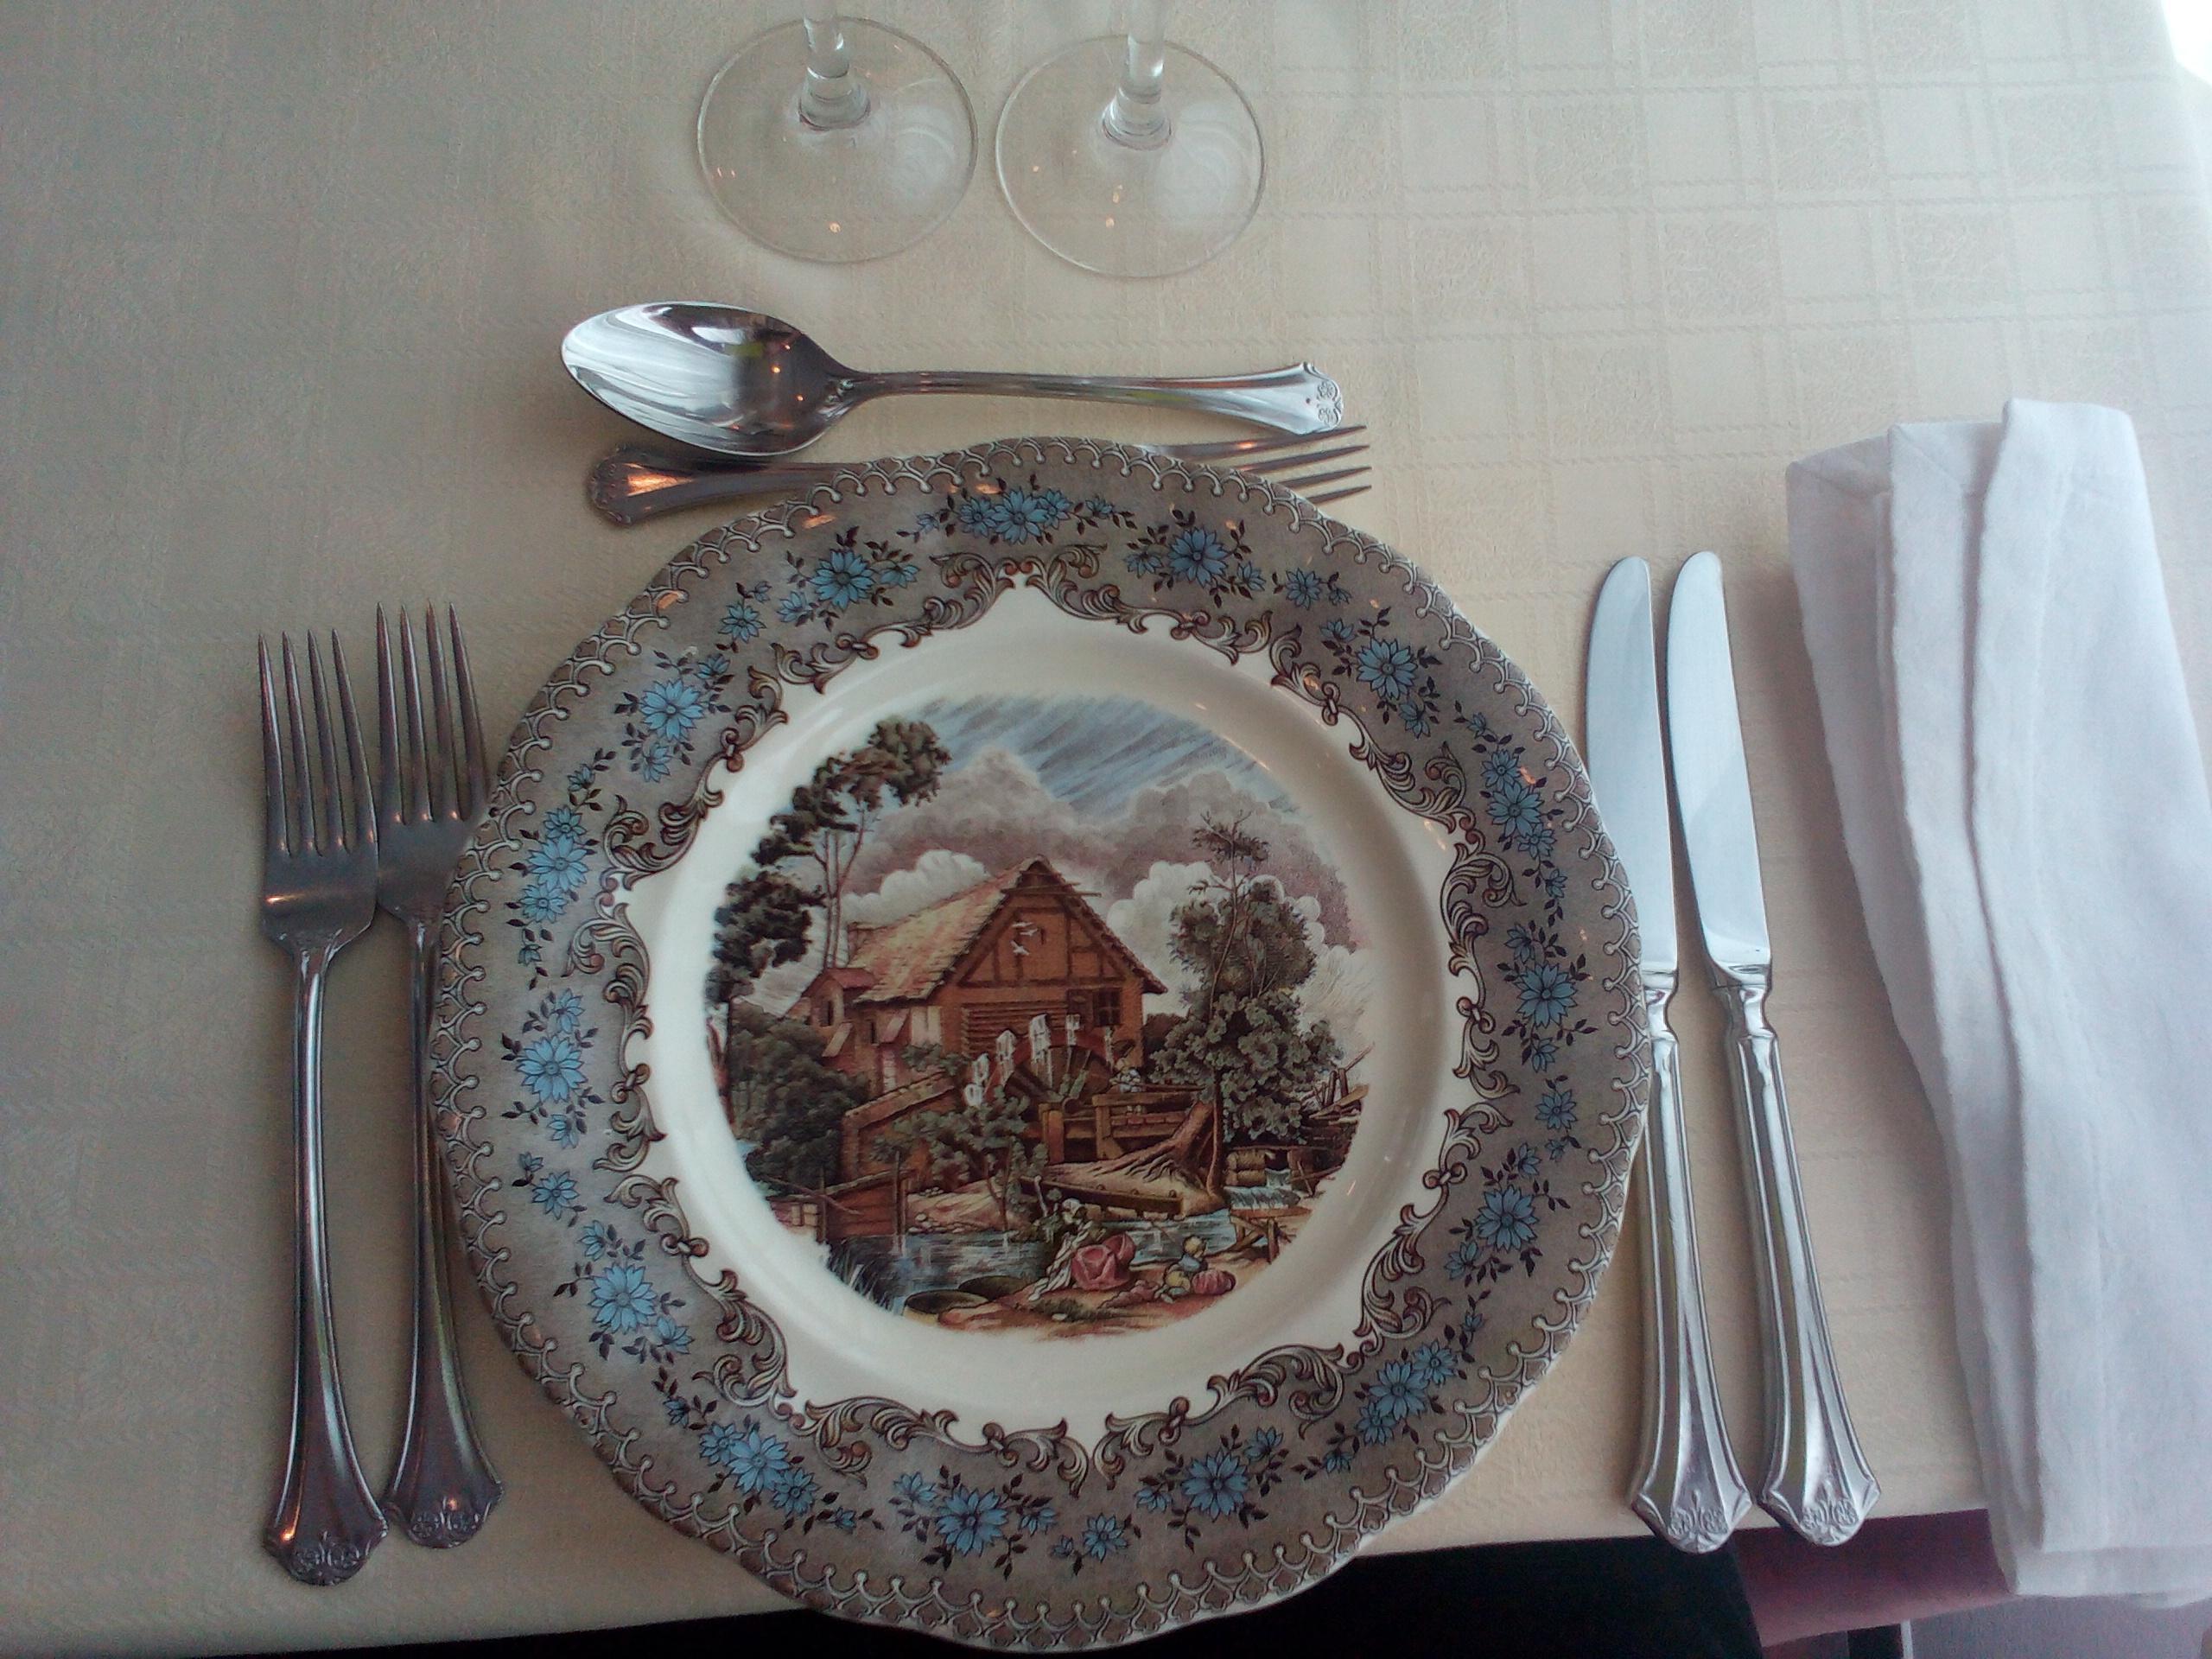 Restaurante Restaurante Burrull-Hostal del Fum Un plato bonito, bonito :-)